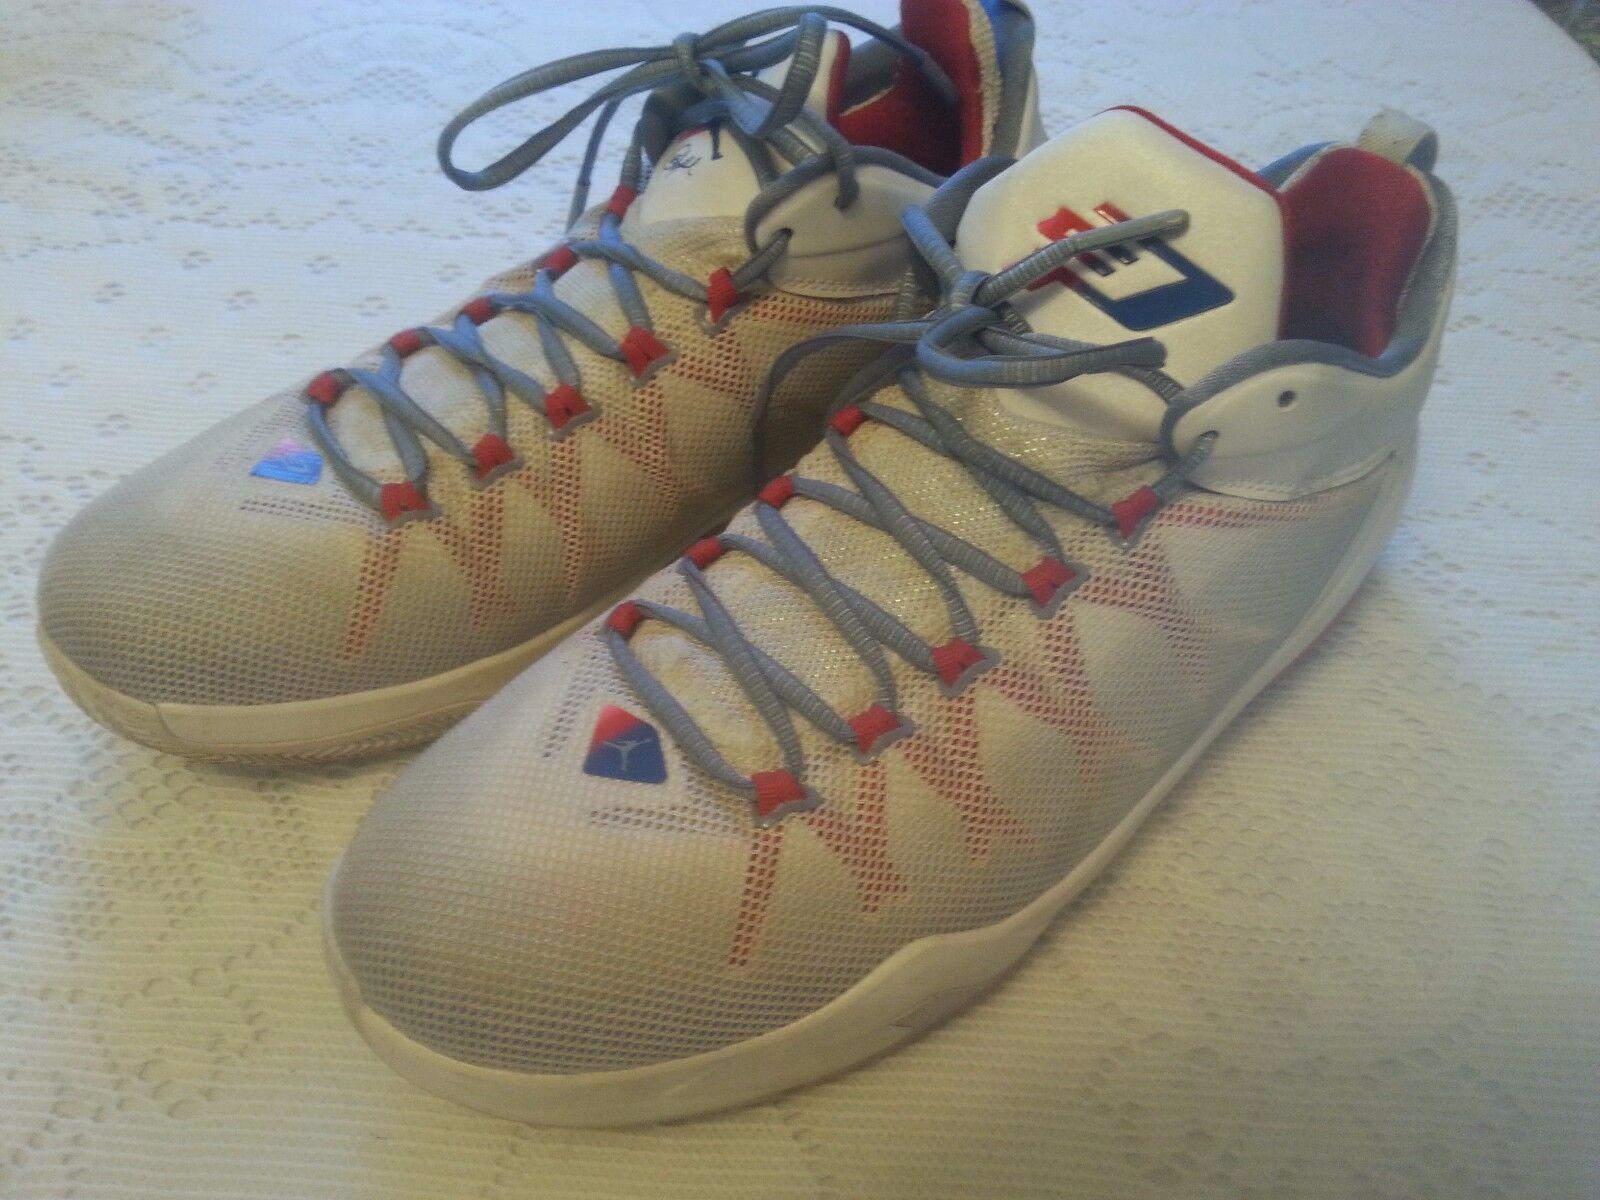 Nike Air Shoes Jordan 725173-107 CP3.VIII AE Chris Paul Wht/Royal/Red/Blue 11.5